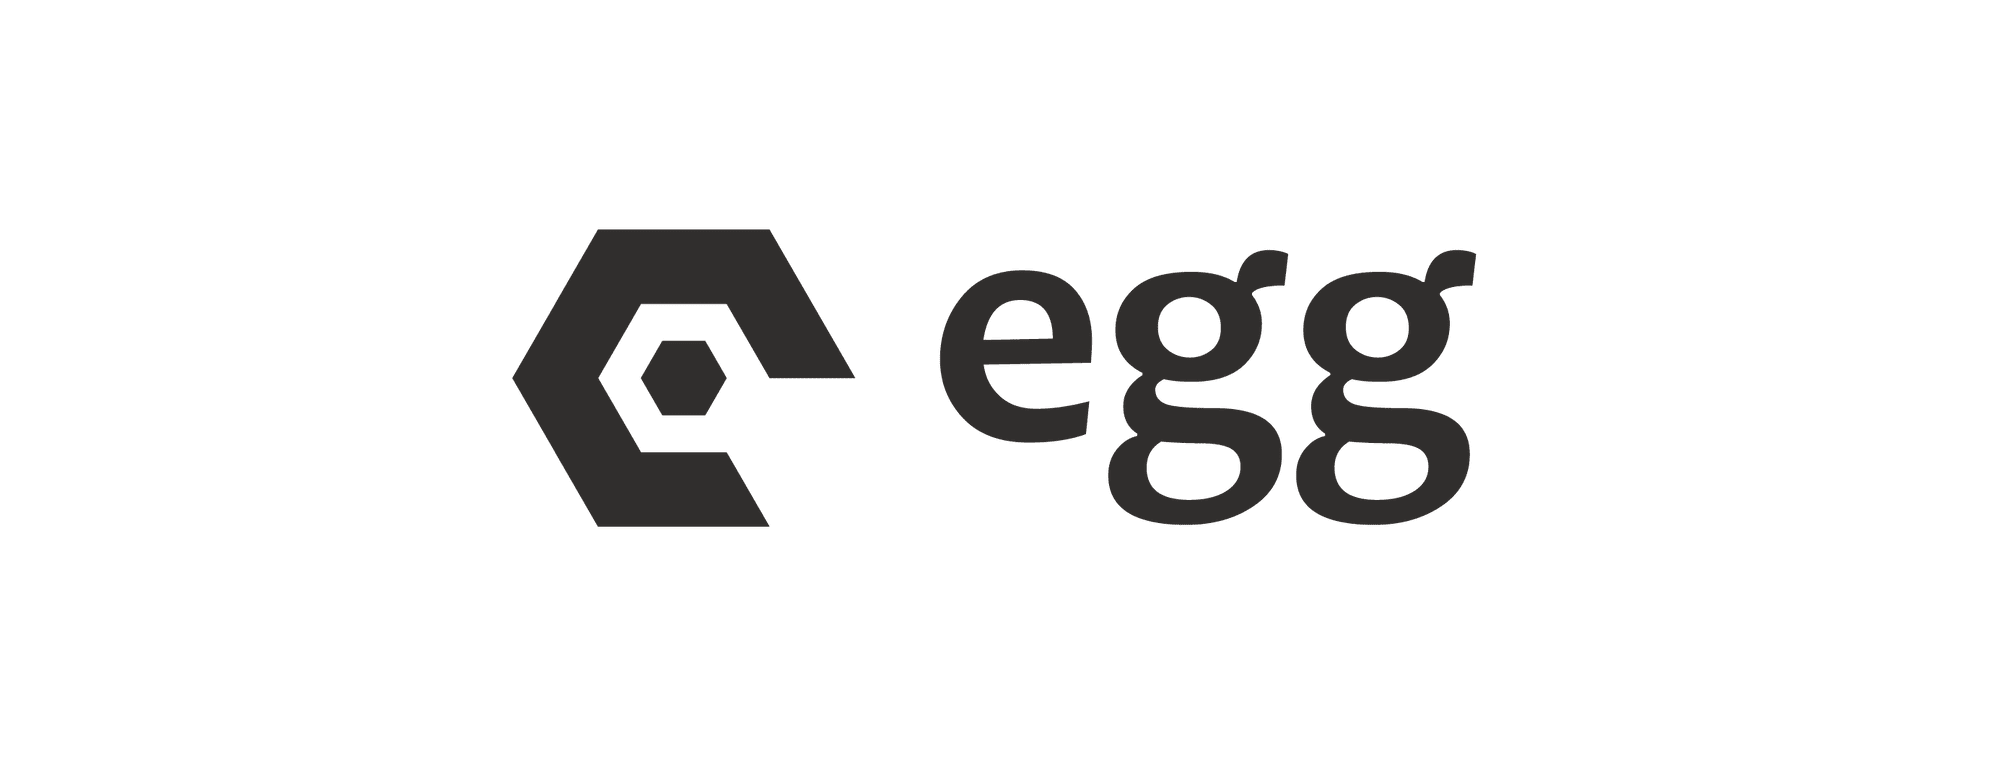 Egg 应用的终止过程